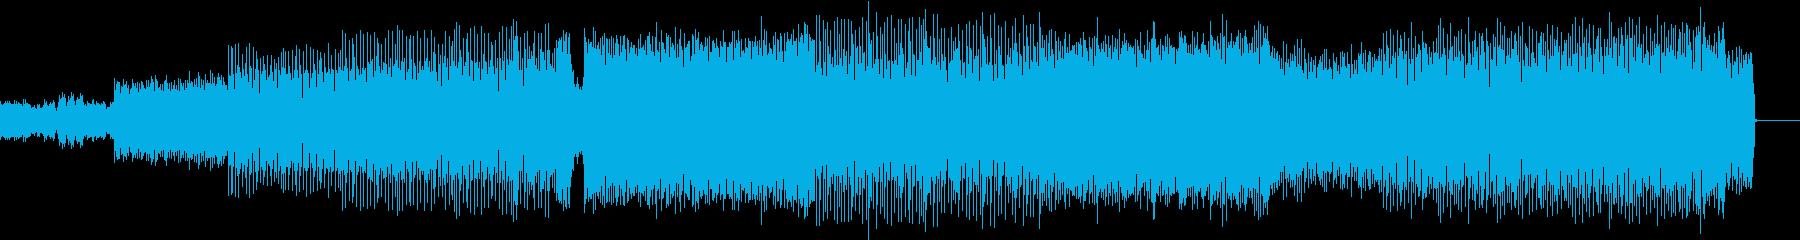 可愛い雰囲気のEDMの再生済みの波形